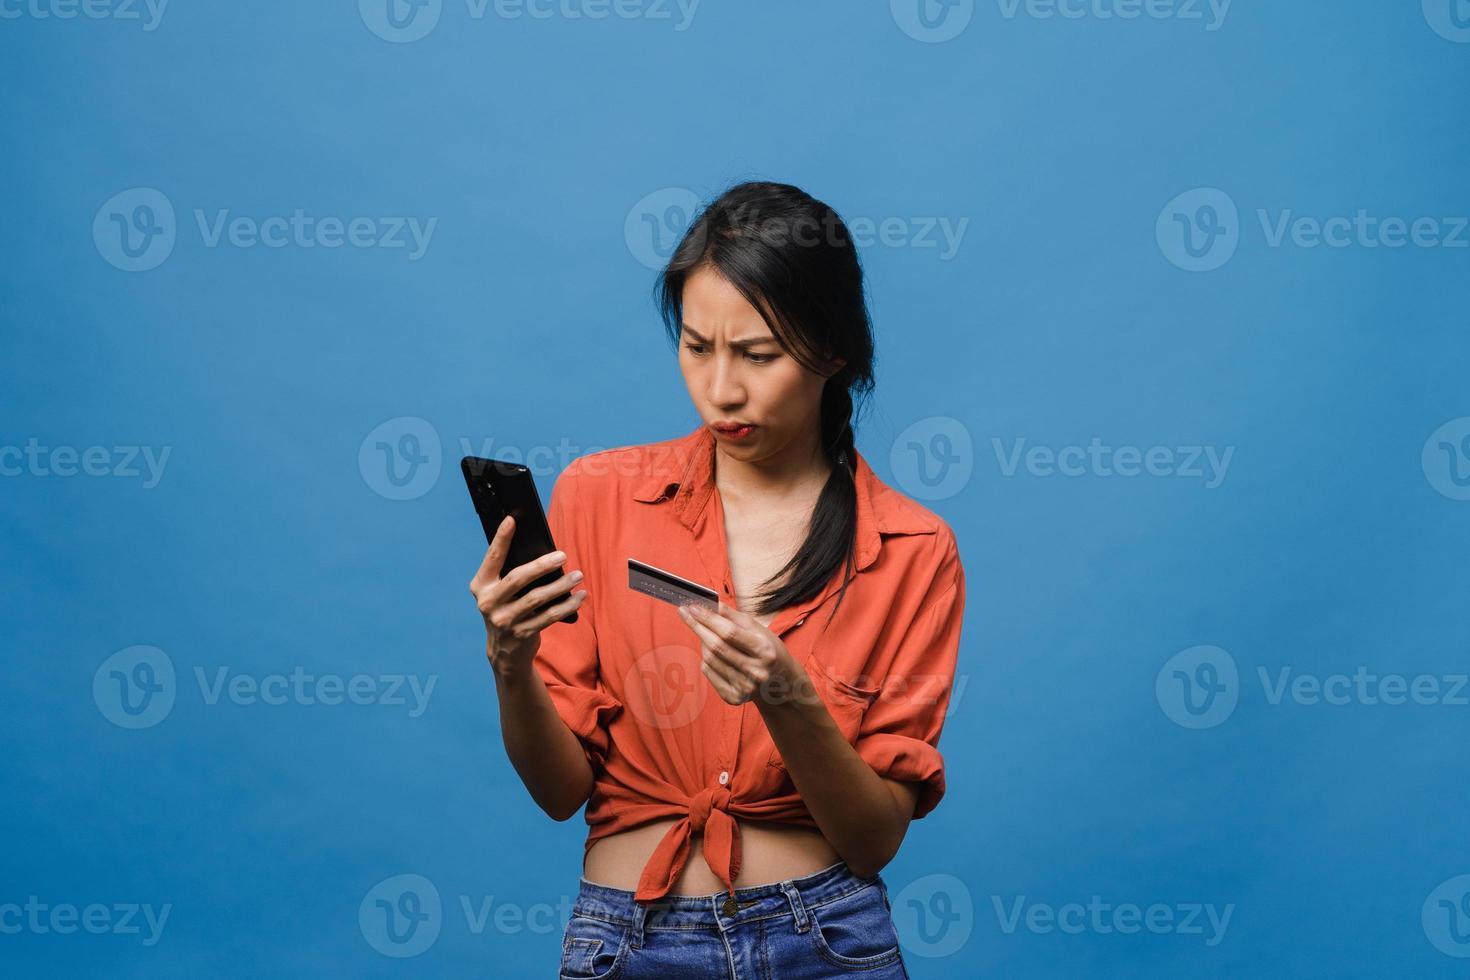 Jovencita asiática usando teléfono y tarjeta bancaria de crédito con expresión negativa, gritos emocionados, gritos emocionales enojados en ropa casual y de pie aislado sobre fondo azul. concepto de expresión facial. foto